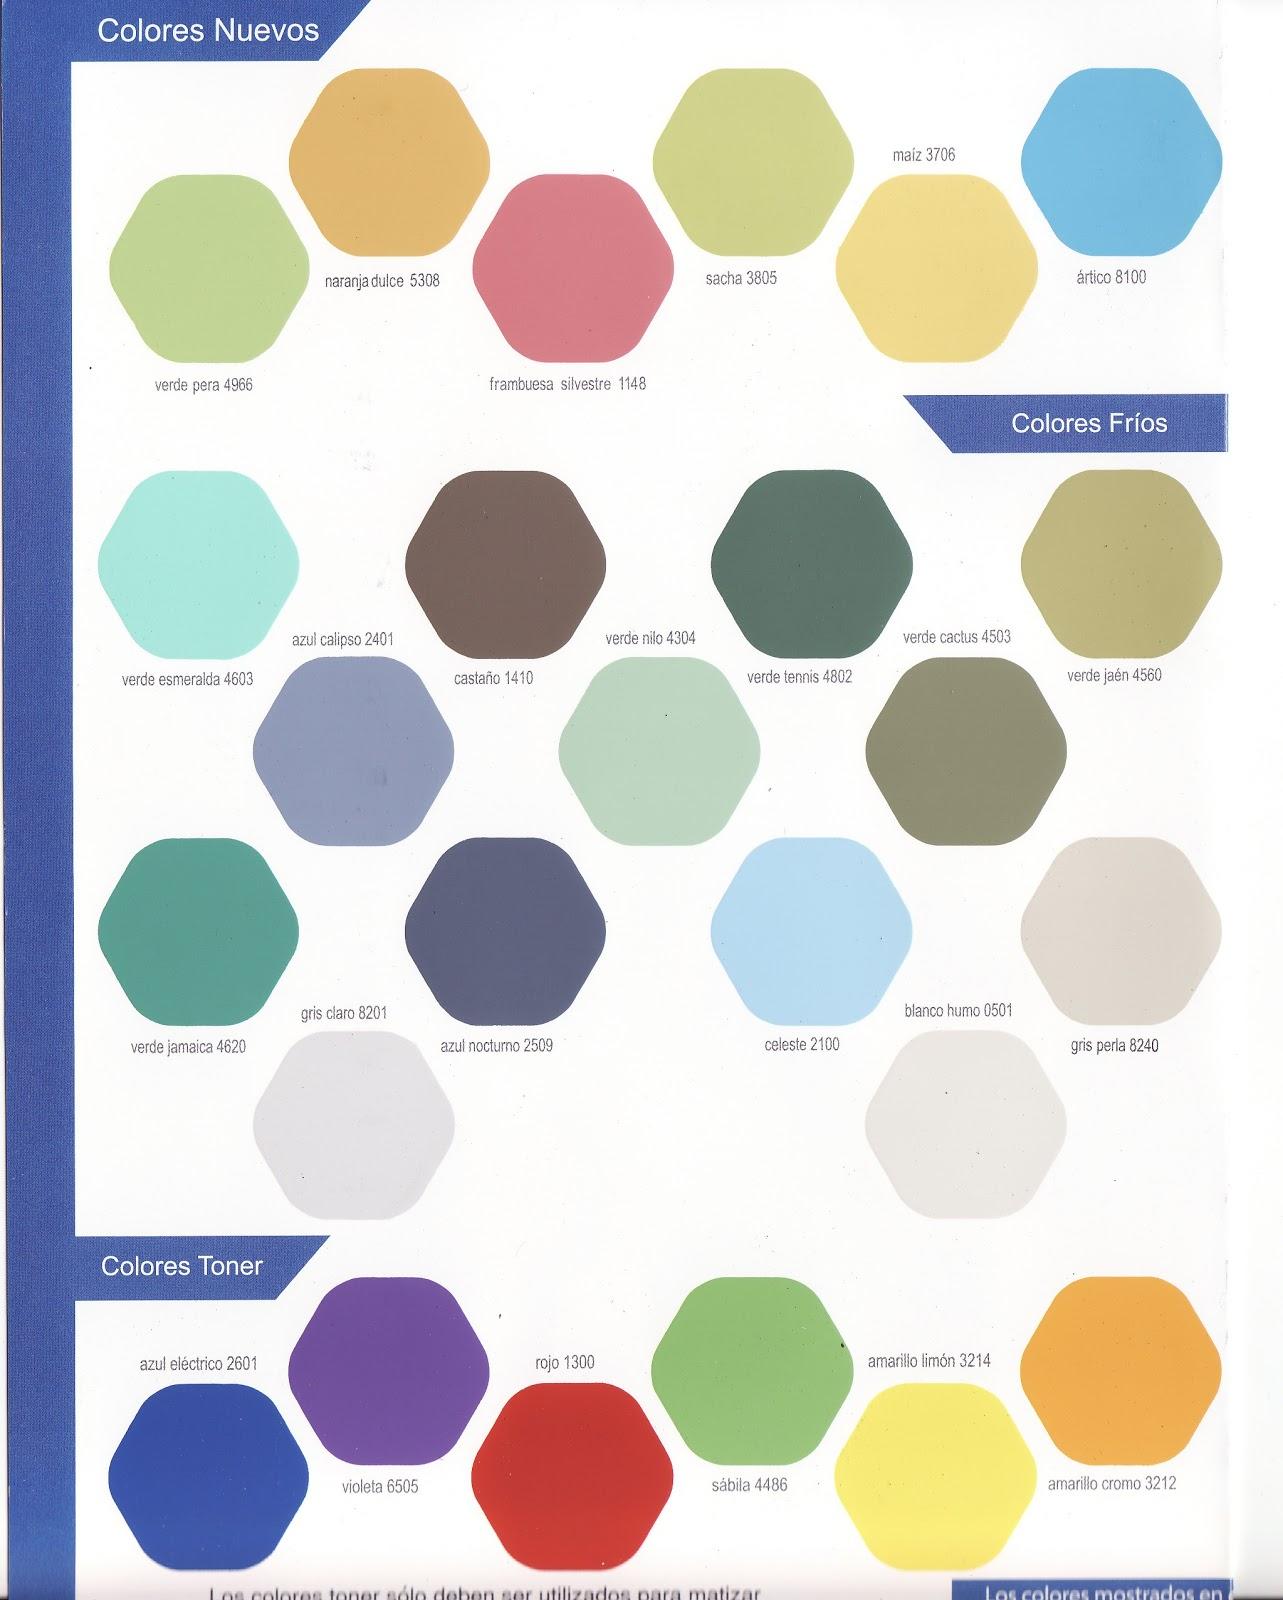 Todo pinturas industriales y decorativas carta colores for Catalogo de colores de pinturas